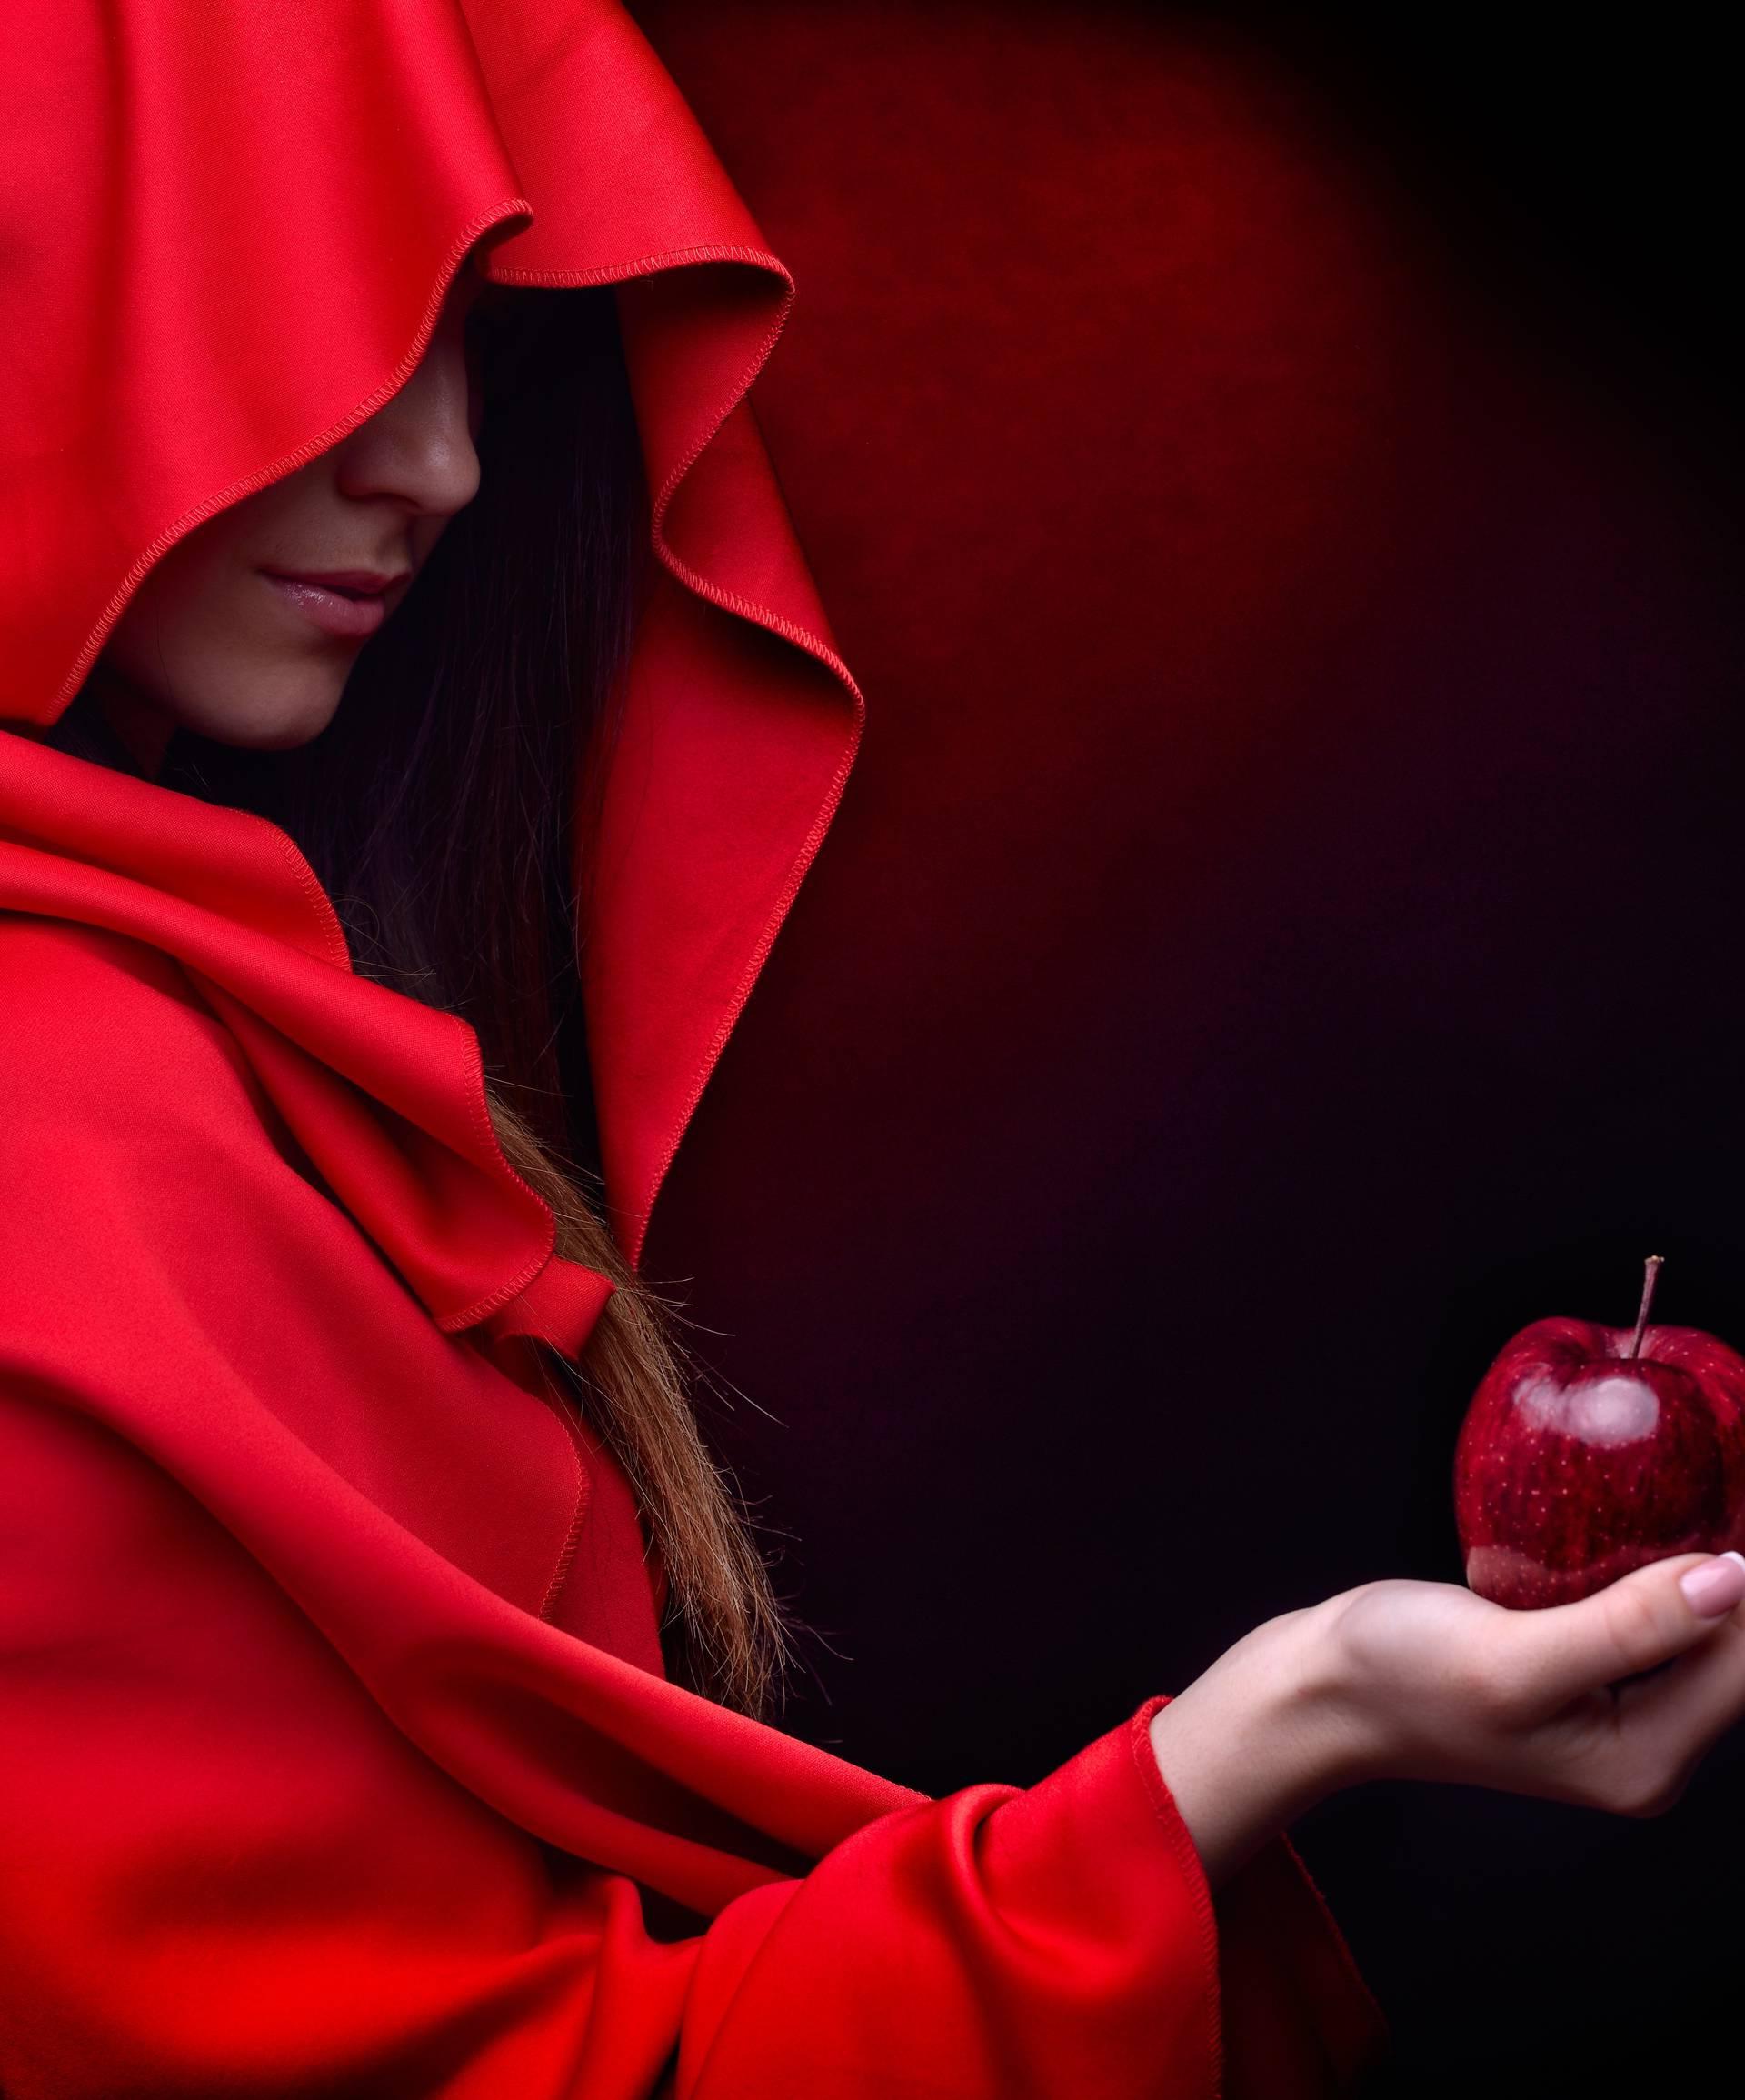 Mitovi i legende o zloj hrani: Rajčica i jabuka imaju zle moći